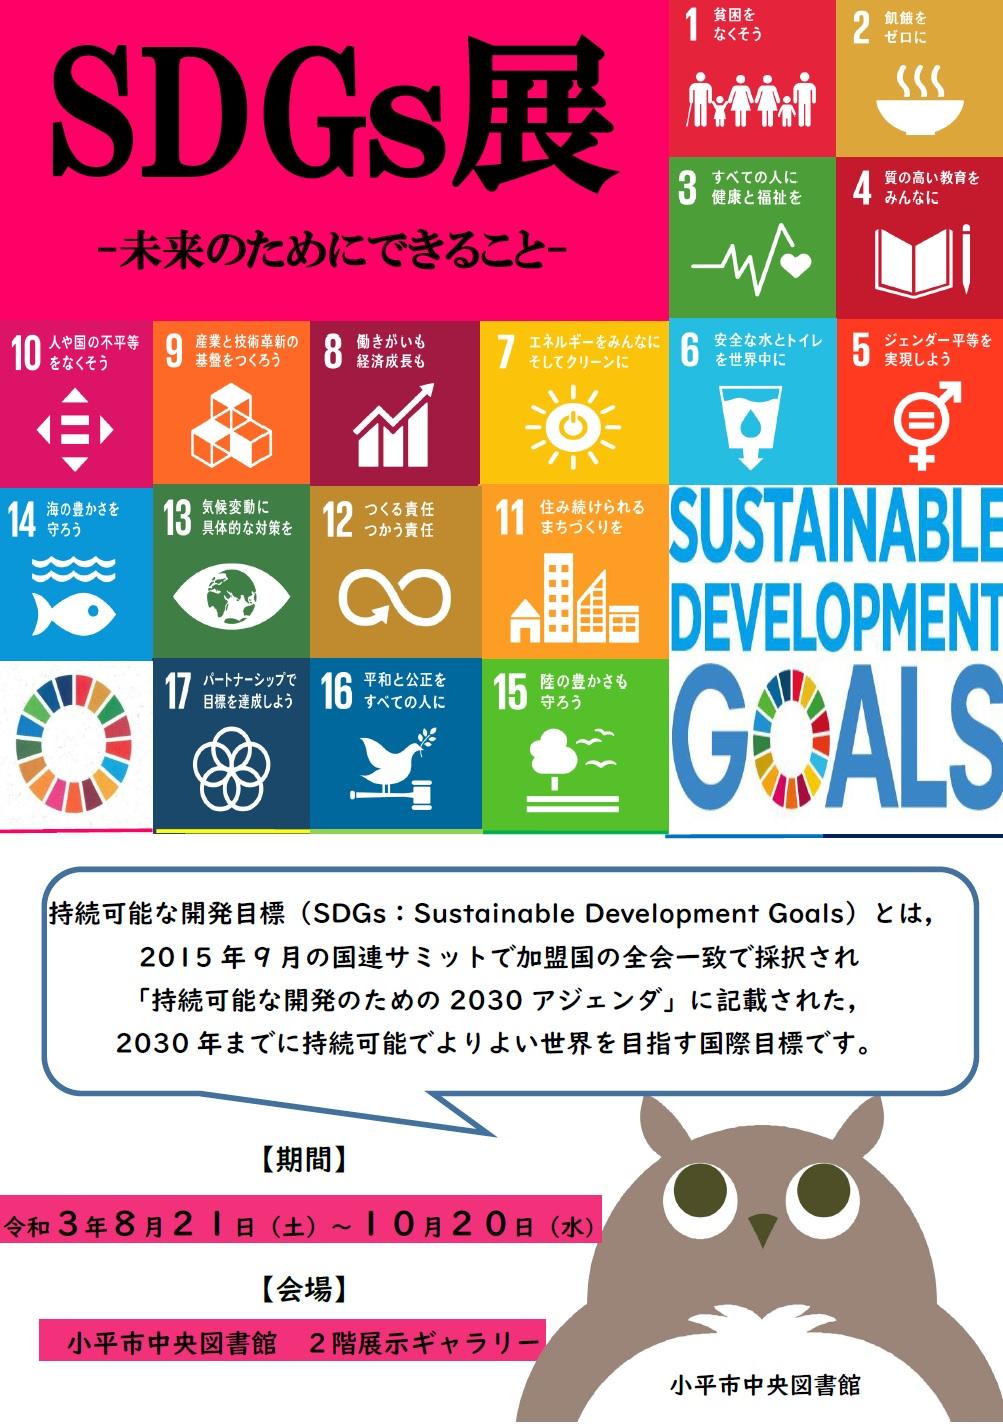 ギャラリー展示「SDGs展」のポスター